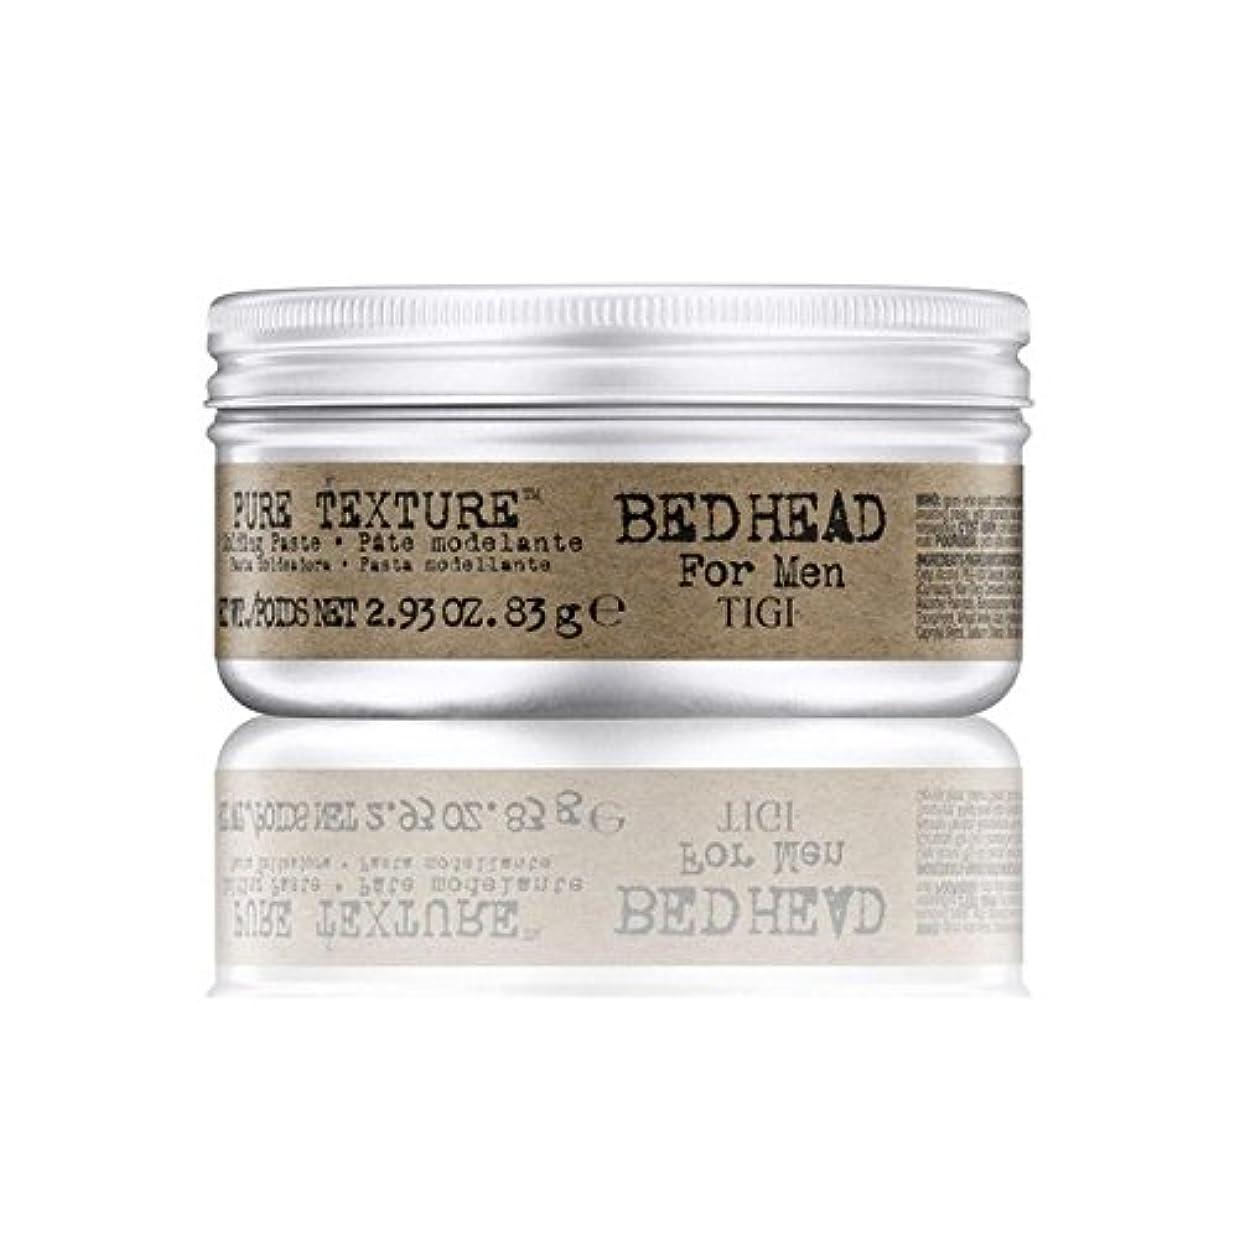 市長野生ボイコット男性の純粋なテクスチャーモールディングペースト(83グラム)のためのティジーベッドヘッド x4 - Tigi Bed Head For Men Pure Texture Molding Paste (83G) (Pack...